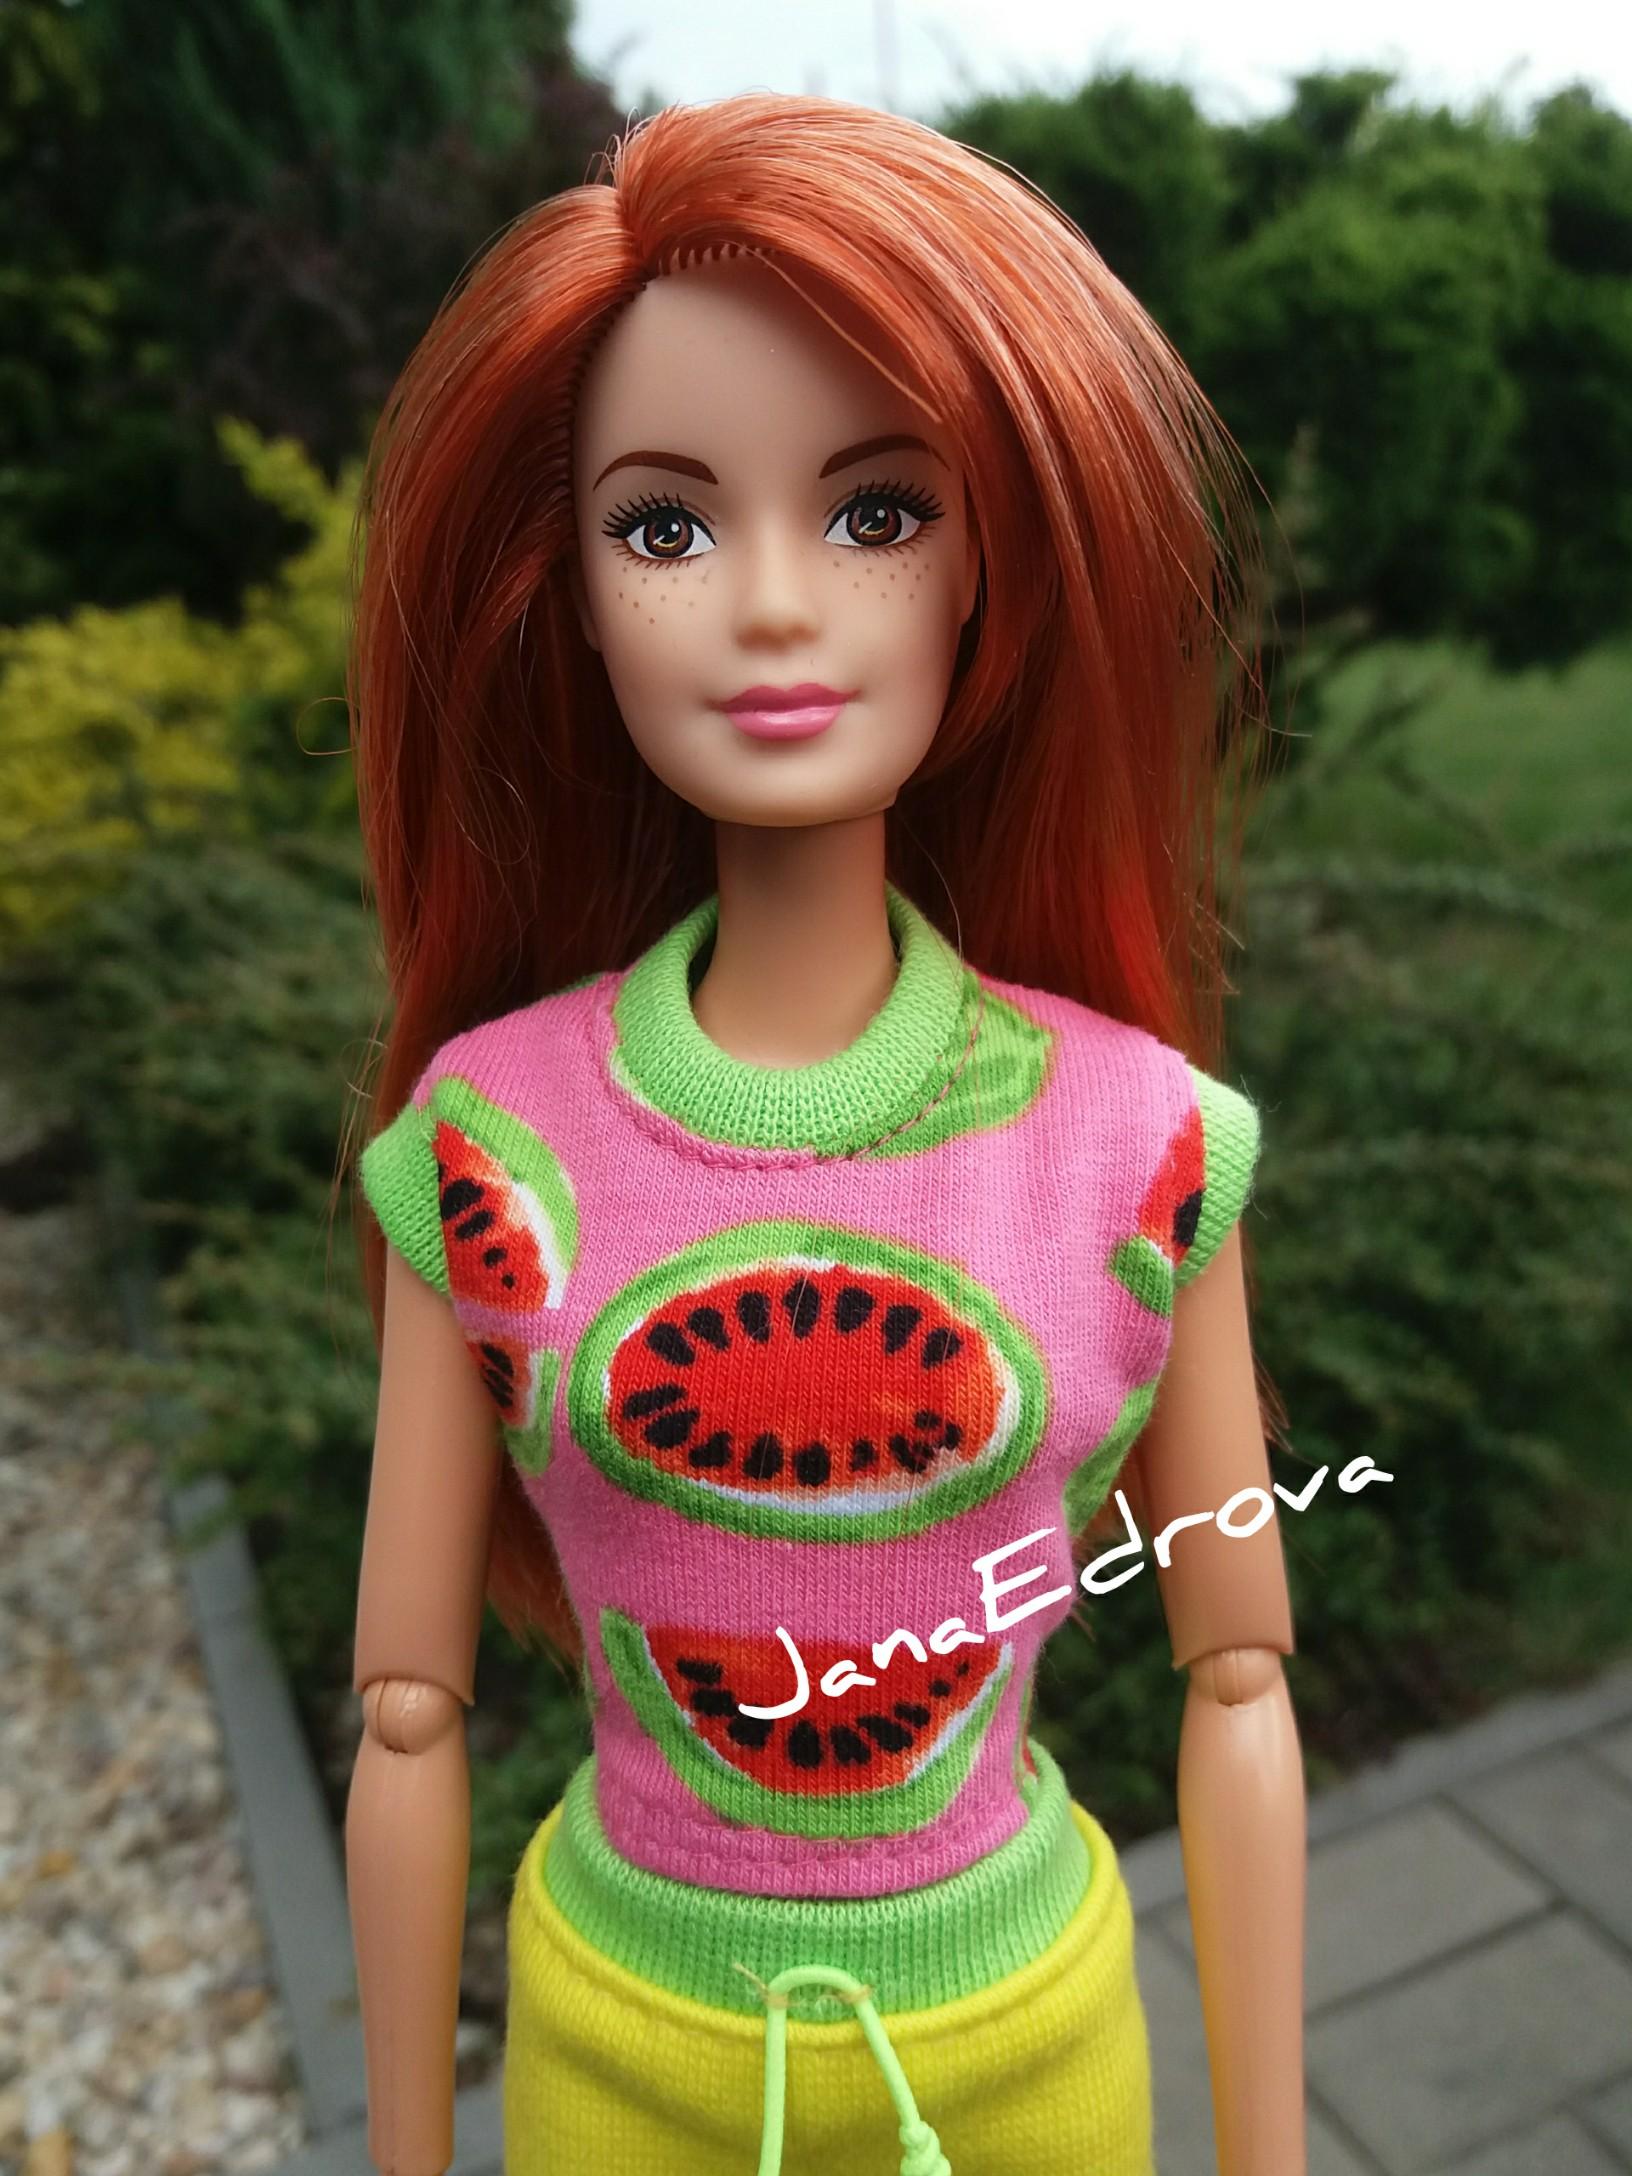 b80d29bfc7 Tričko pro Barbie